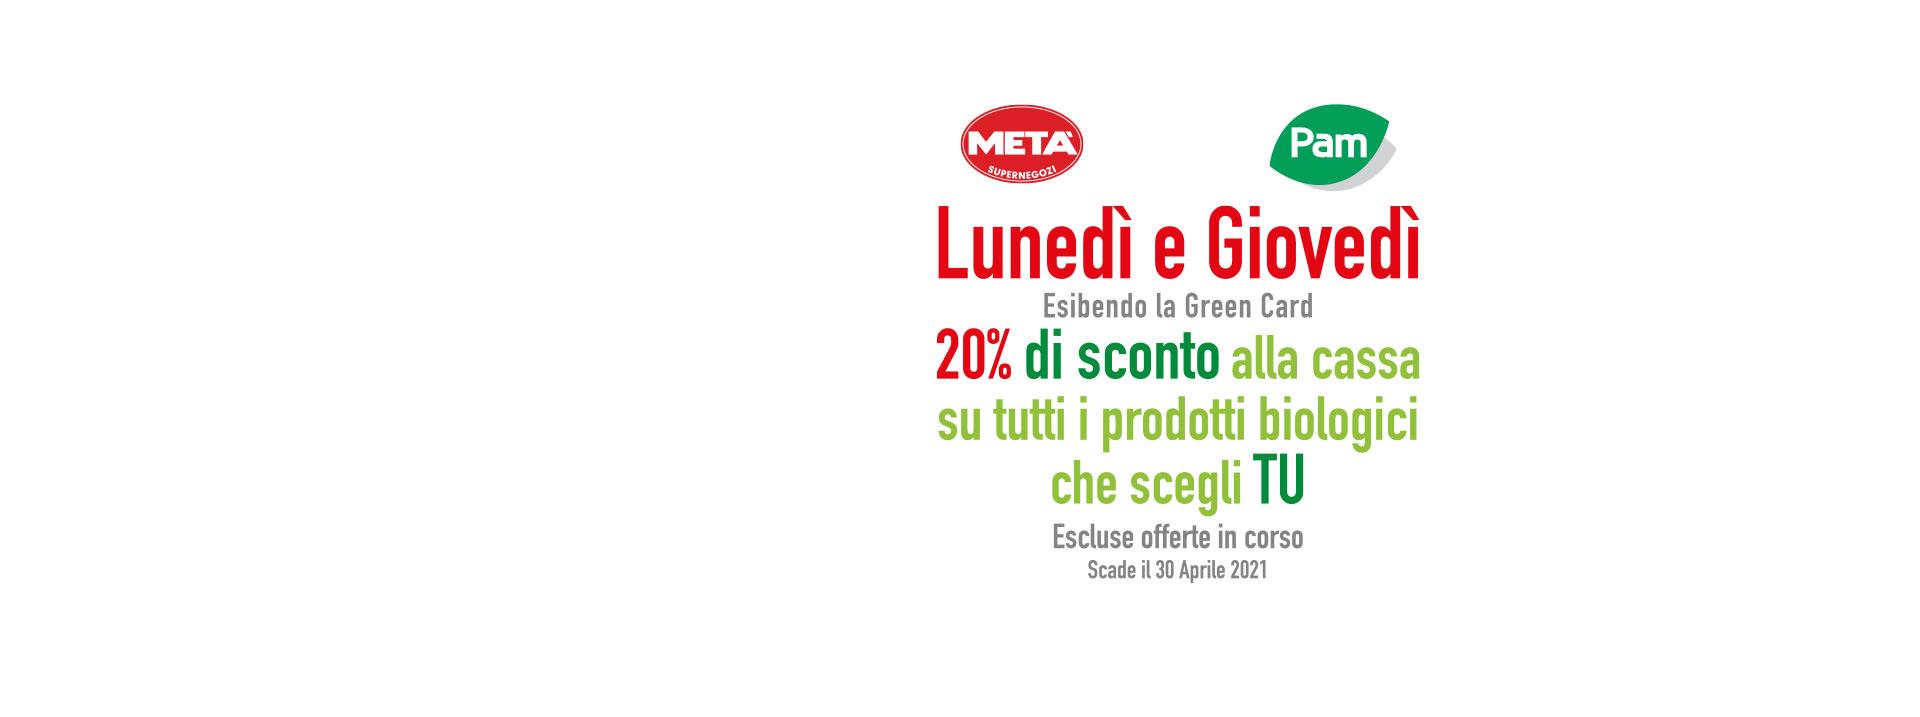 Card Sconto BIO 20% da Pam e Metà a Roma